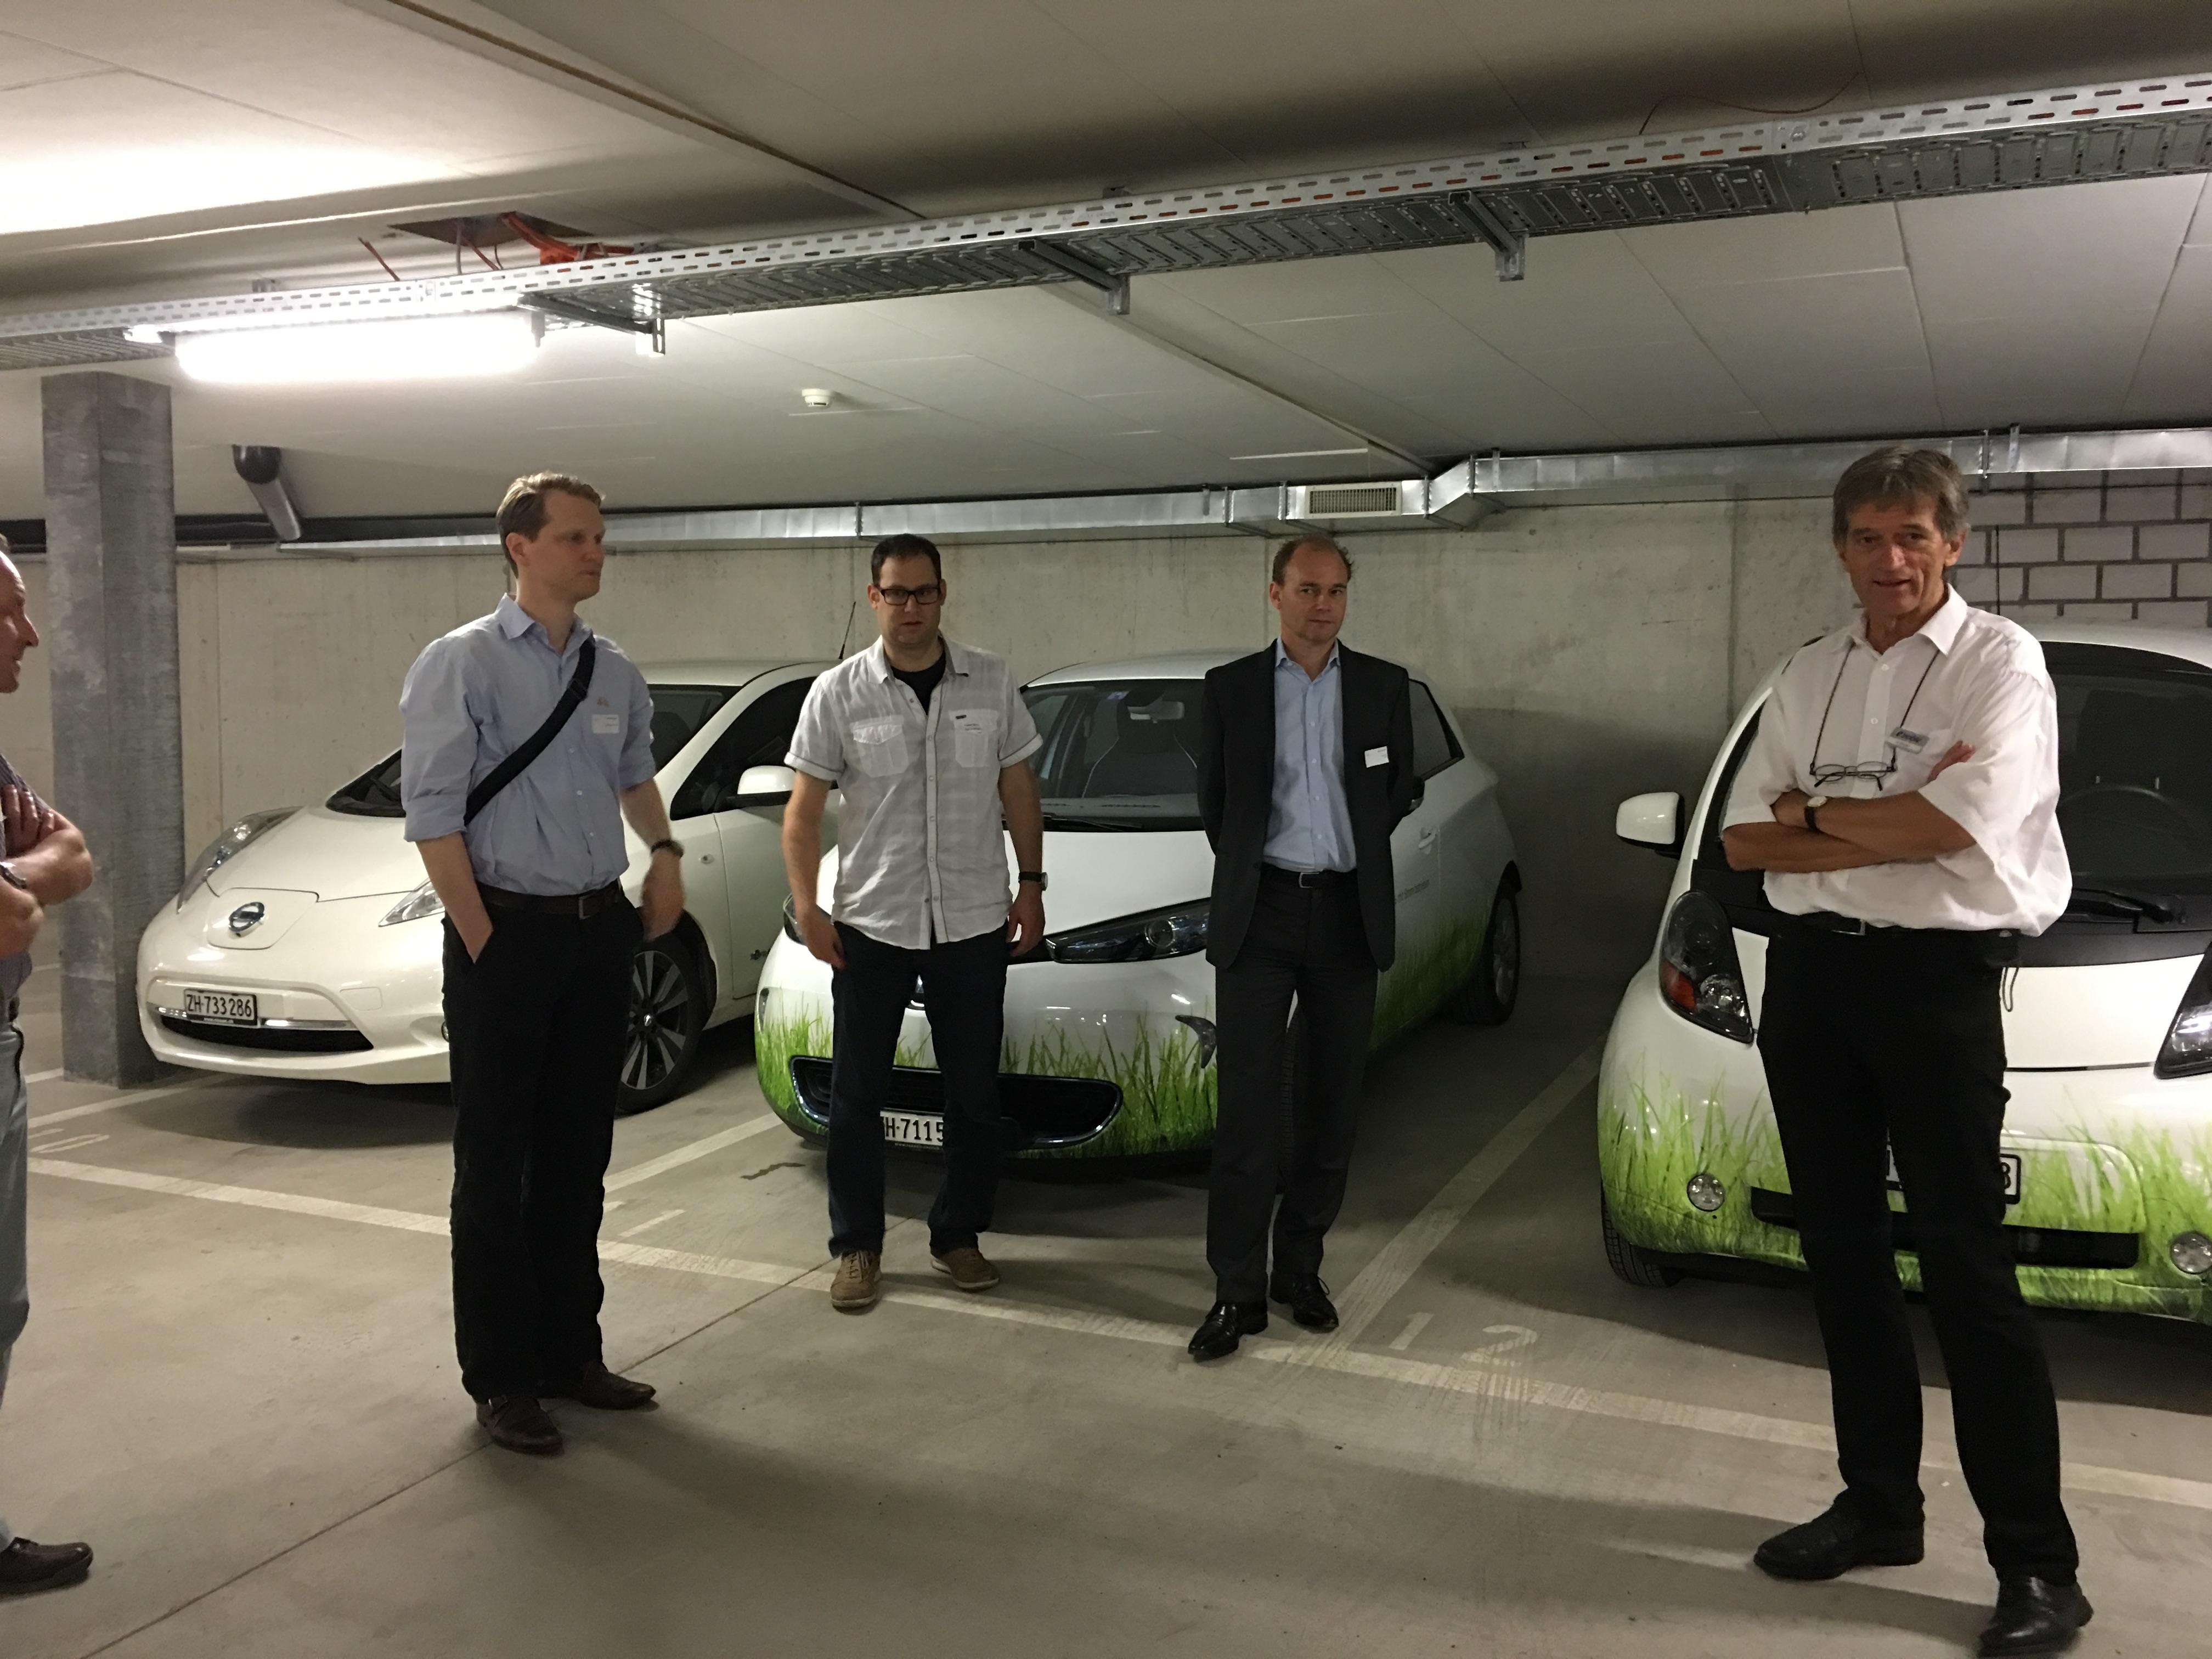 Ladeinfrastruktur für Elektromobile (oder mindestens die Leerrohre für die Leitung) müssen heute in jeder Tiefgarage eingeplant werden, findet Urs Schwegler (rechts)  von e'mobile.